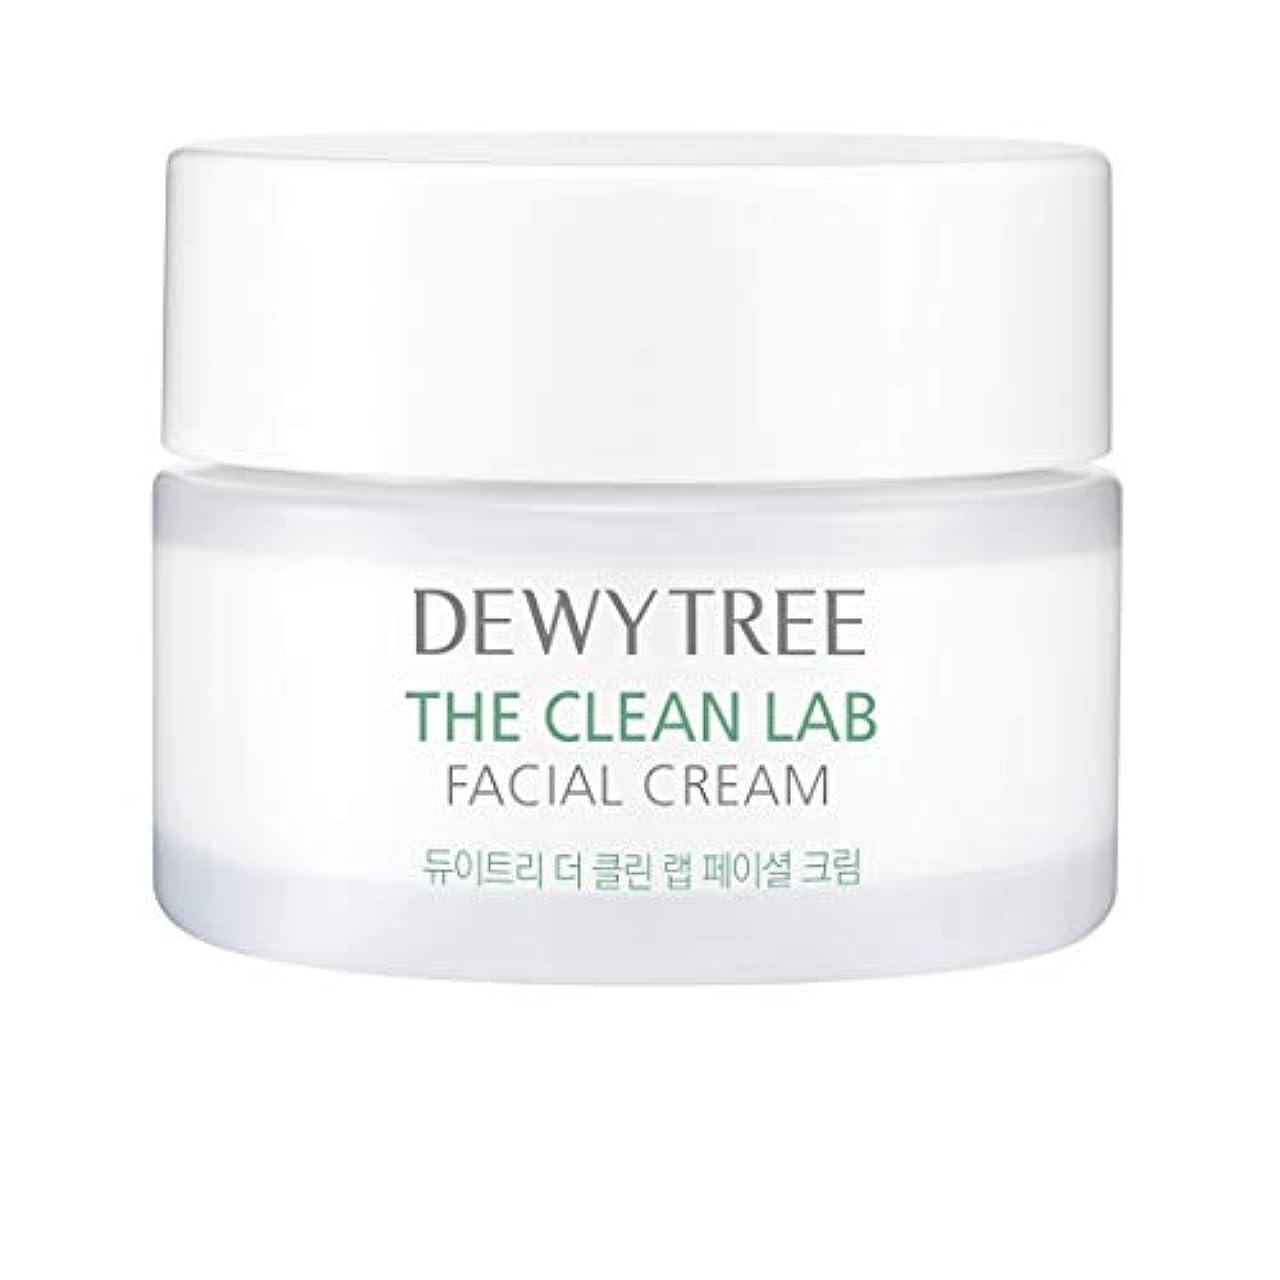 中に削減リース【デューイツリー.dewytree]よりクリーンラップフェイシャルクリーム(75ml)/ the clean lab facial cream + free(laneige. water sleeping mask15ml)